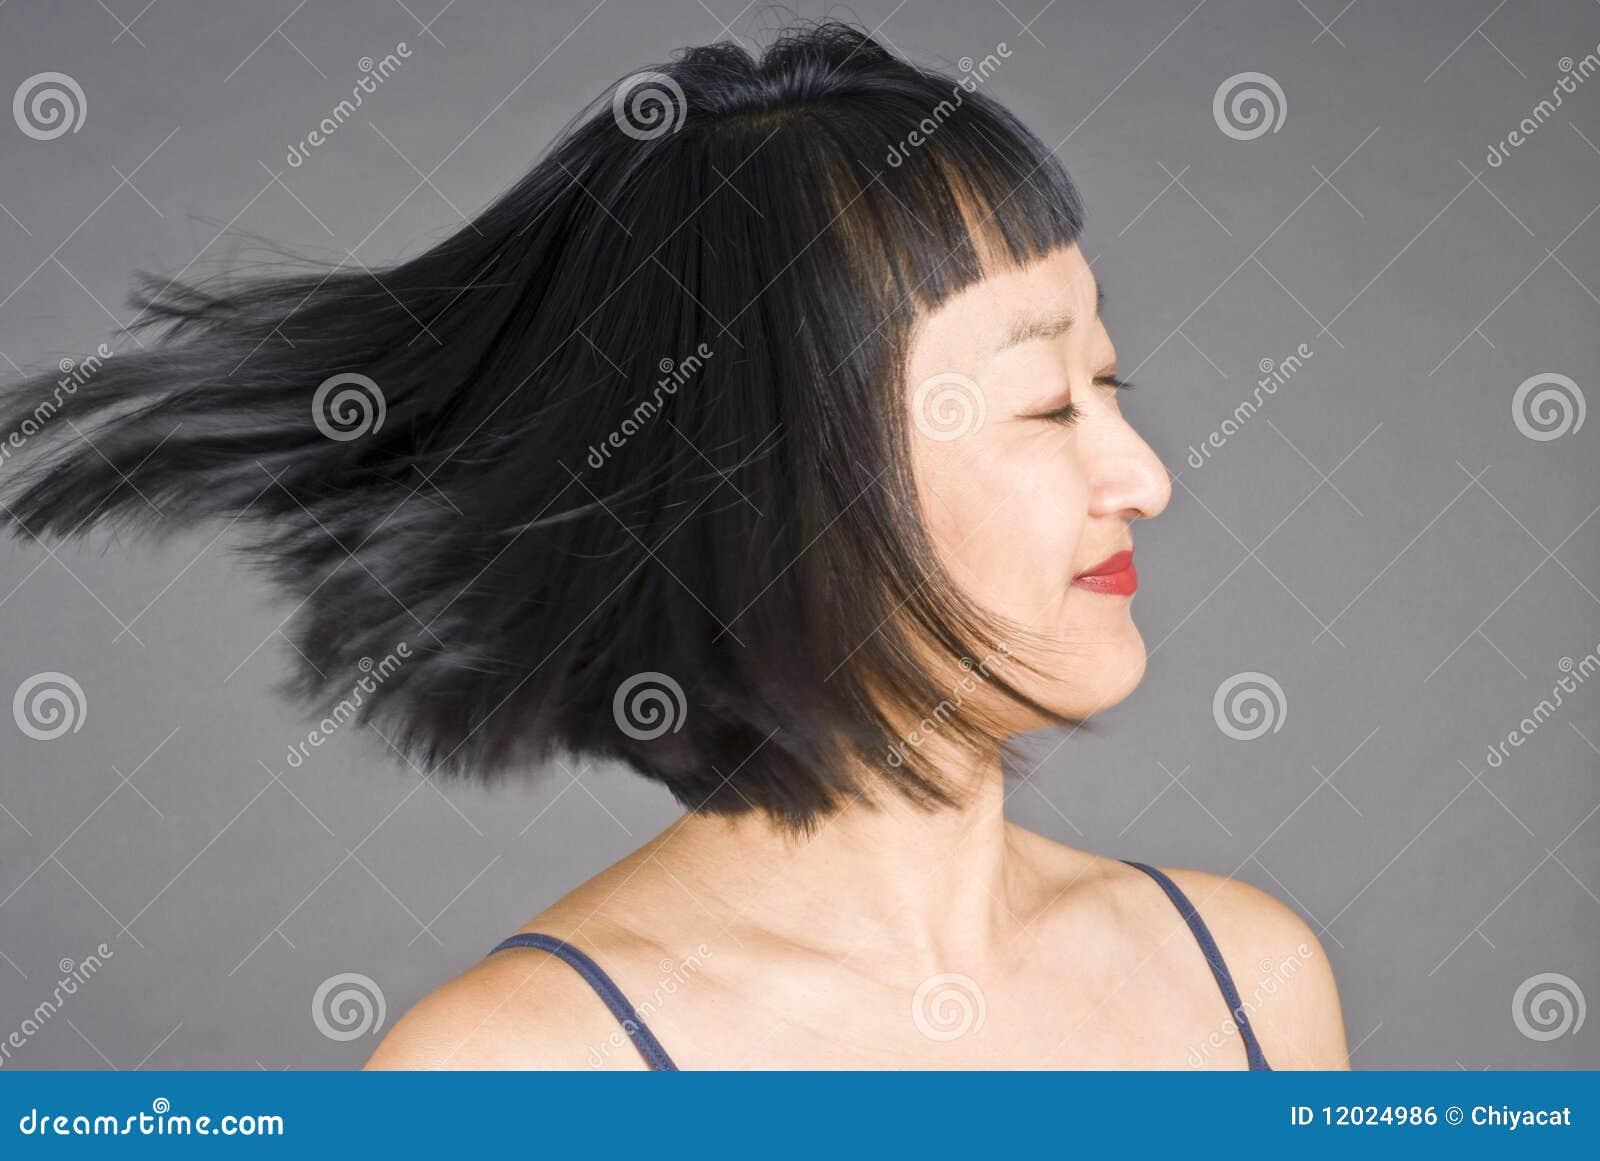 头发短的妇女